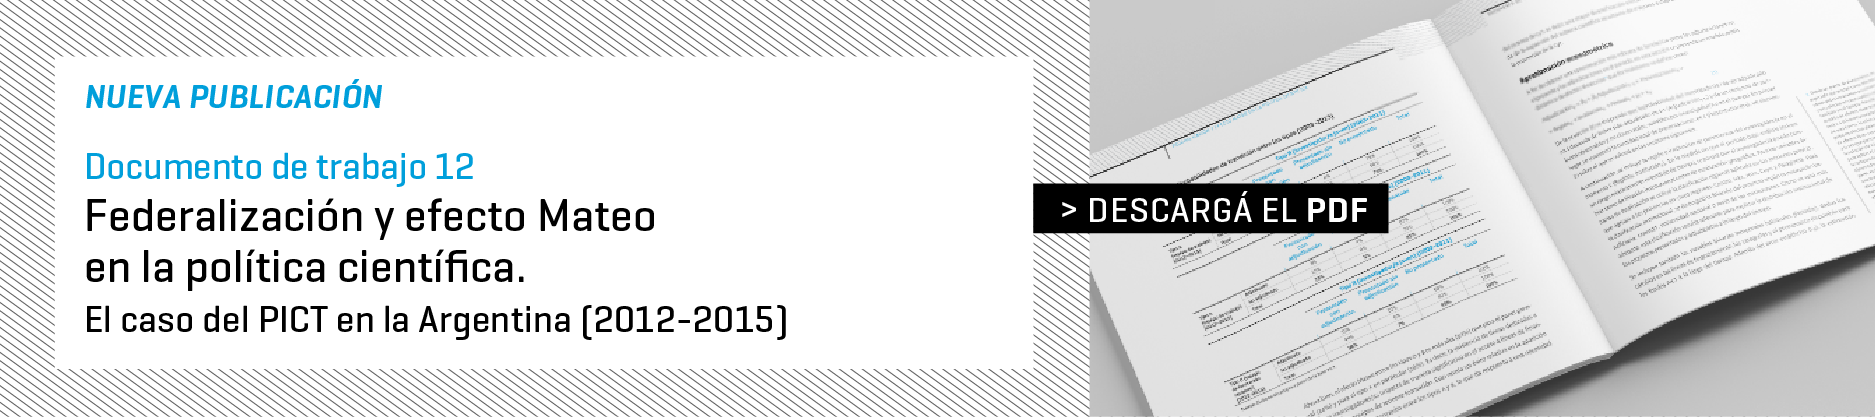 banner-web-900x200px_junio2018_nueva-publicación-DT12